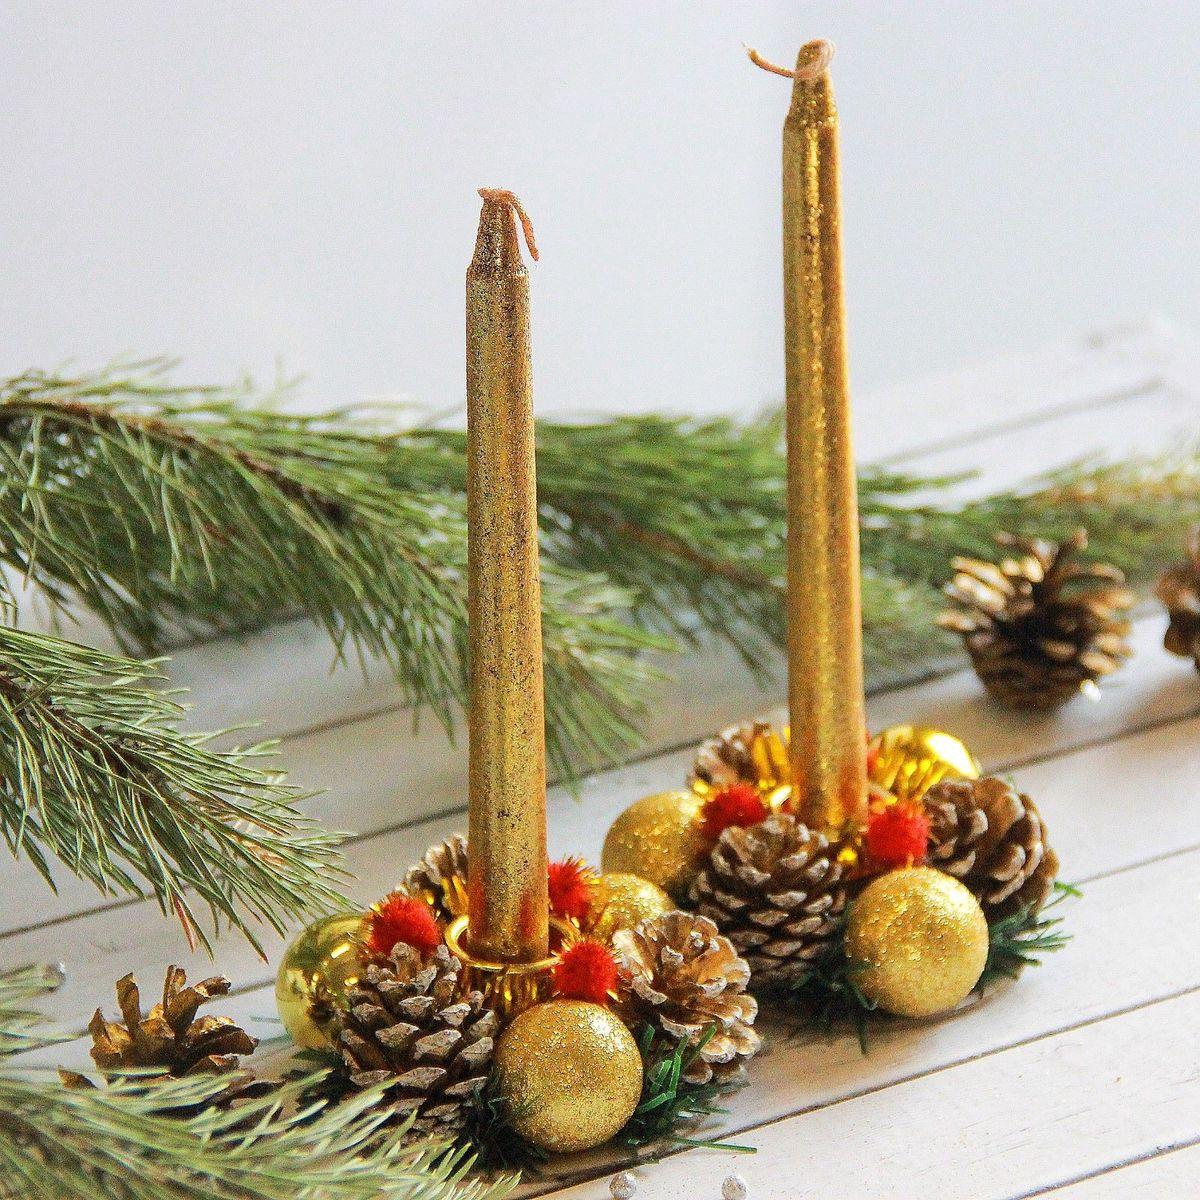 Набор свечей Sima-land Золотые шары, с подсвечником, 4 предмета2377898Невозможно представить нашу жизнь без праздников! Мы всегда ждём их и предвкушаем, обдумываем, как проведём памятный день, тщательно выбираем подарки и аксессуары, ведь именно они создают и поддерживают торжественный настрой. — это отличный выбор, который привнесёт атмосферу праздника в ваш дом!